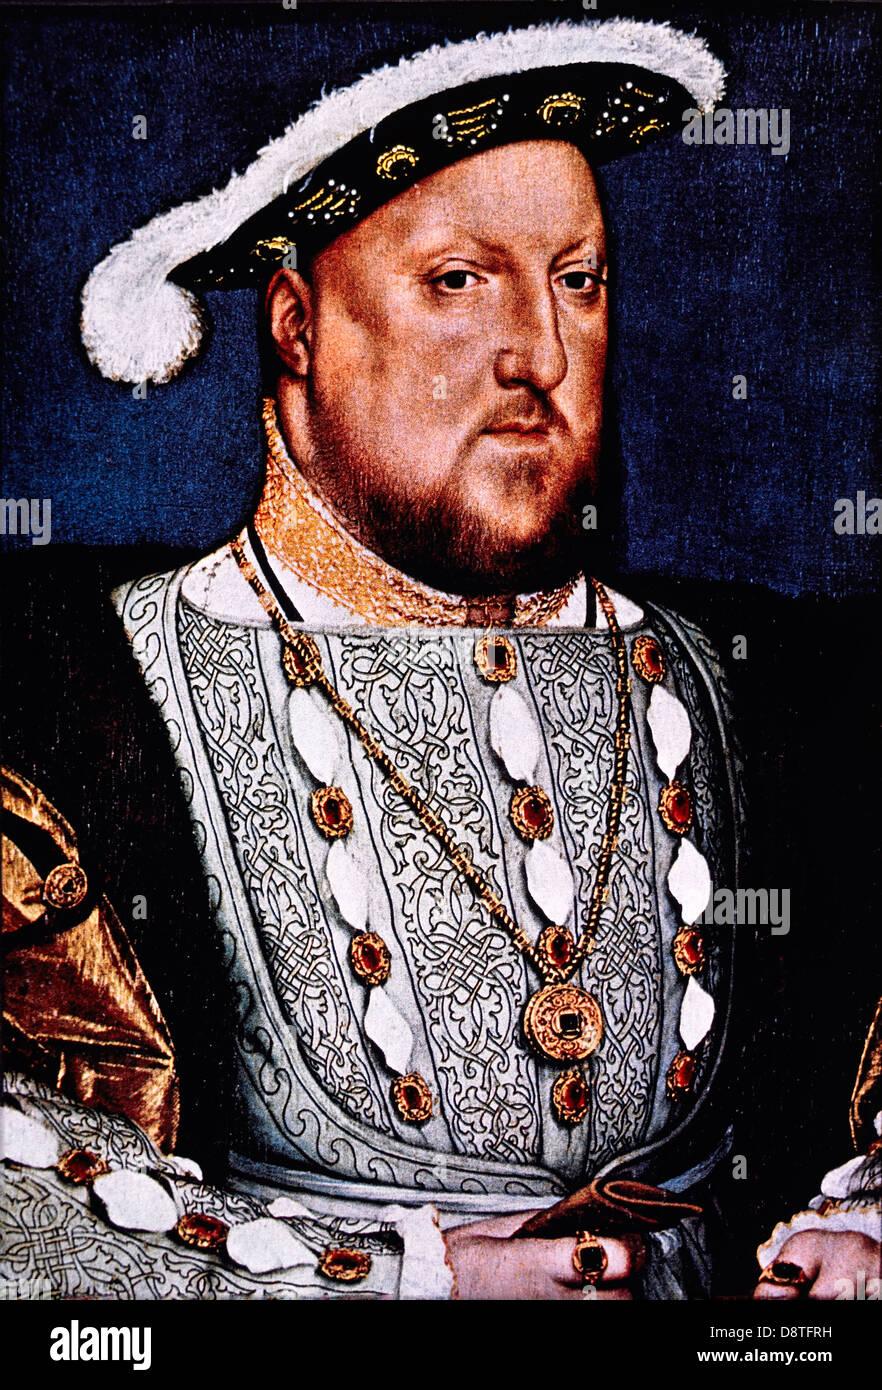 Henry VIII (1491-1547), König von England 1509-47, Porträt von Hans Holbein, 1536 Stockfoto